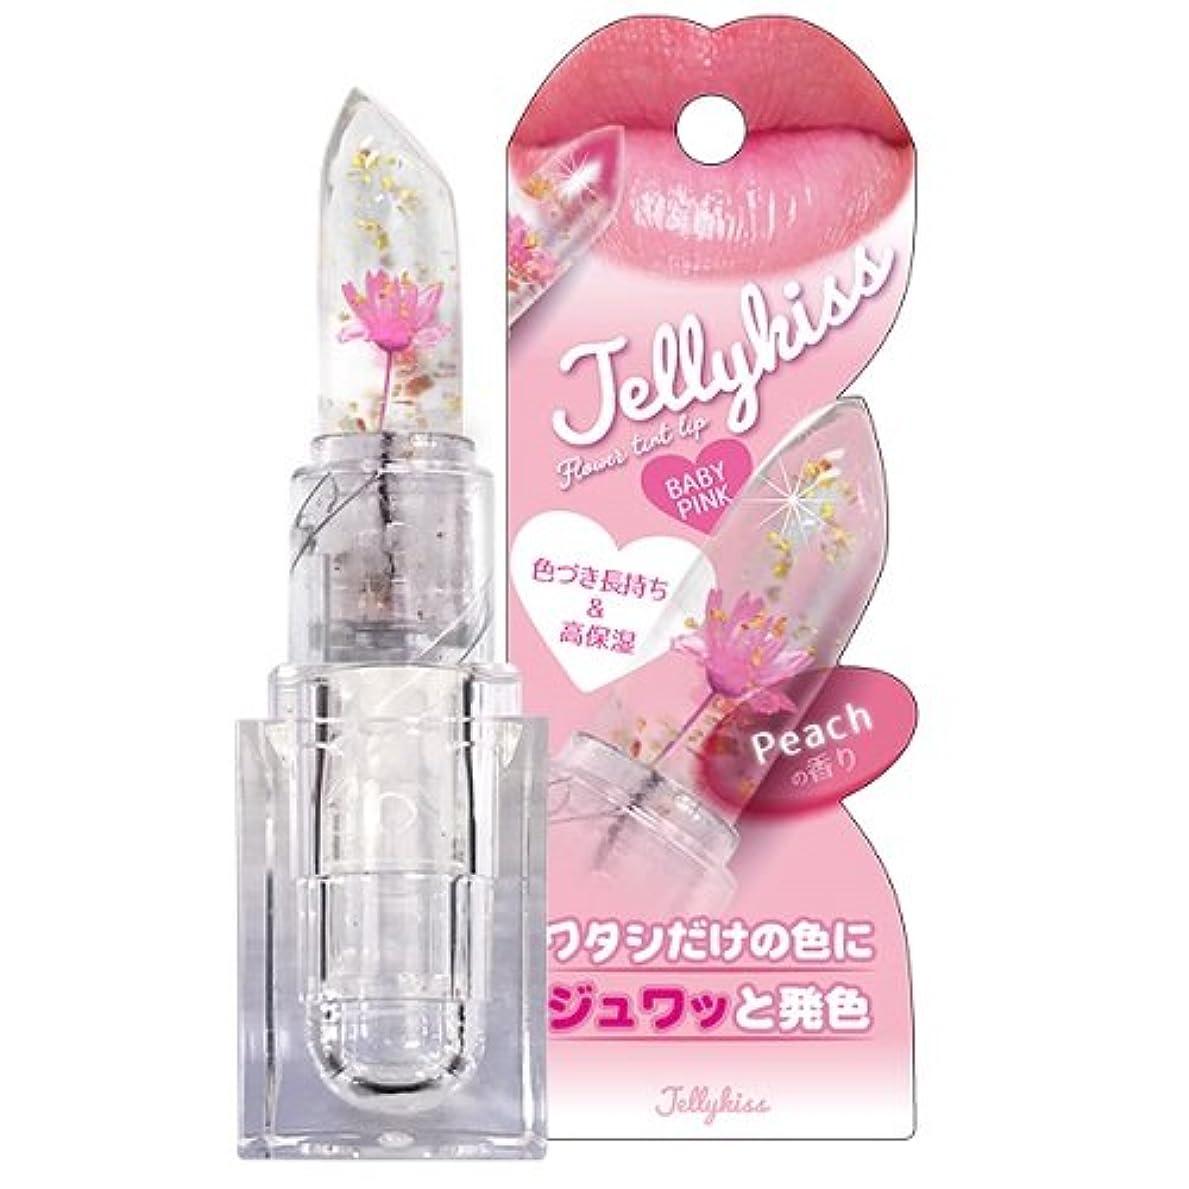 民主党過度のすりジェリキス (Jelly kiss) 03 ベビーピンク 3.5g